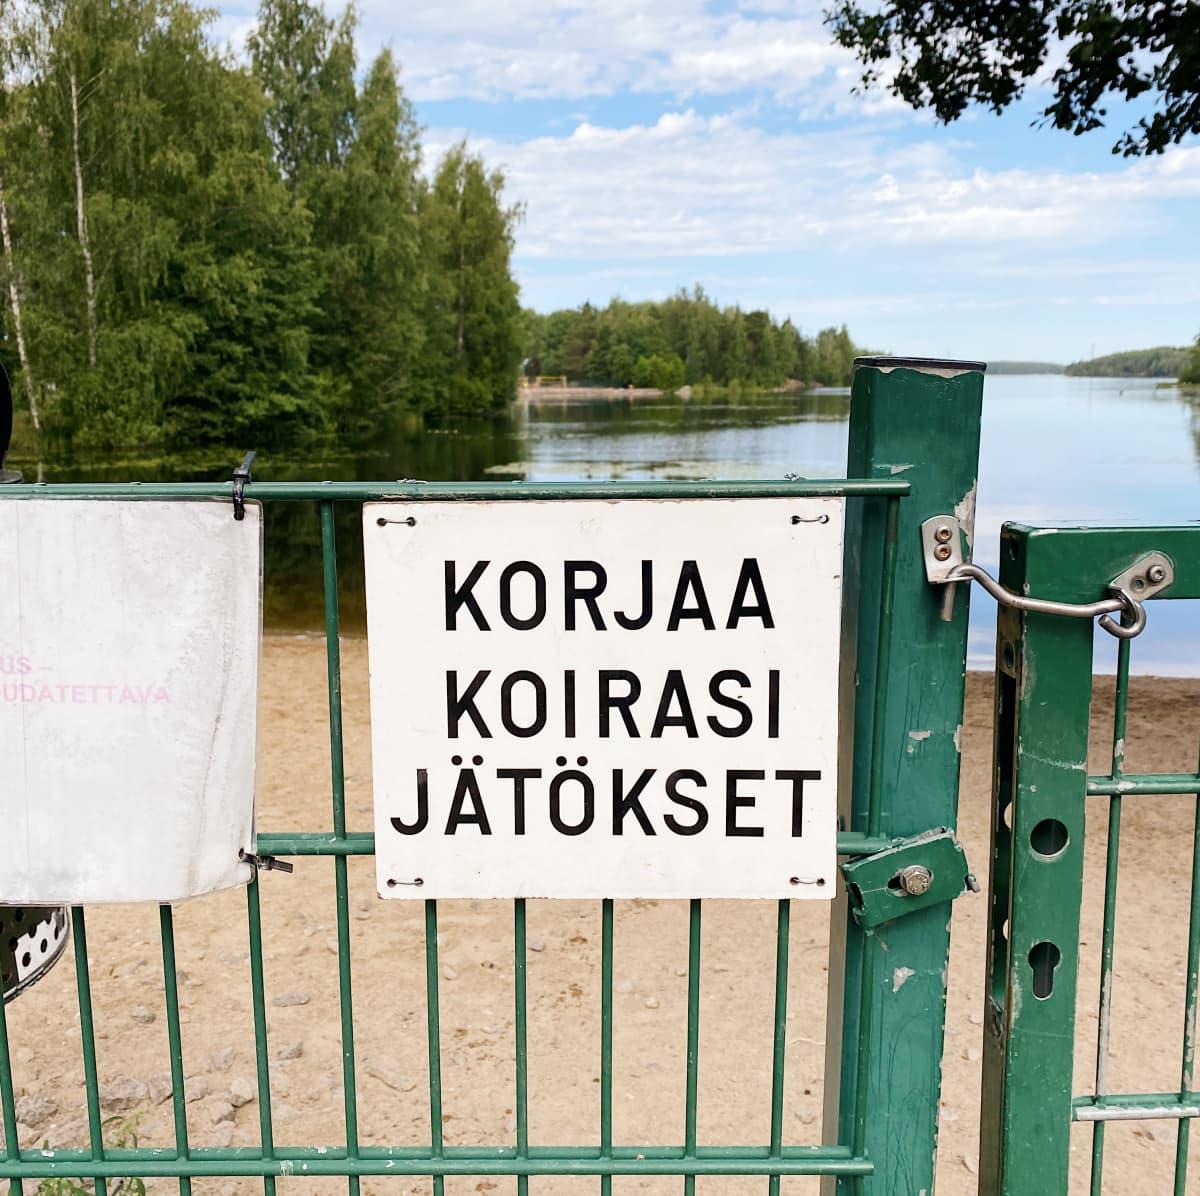 Korjaa koirasi jätökset -kyltti koirauimarannan aidassa. Taustalla Saimaa.